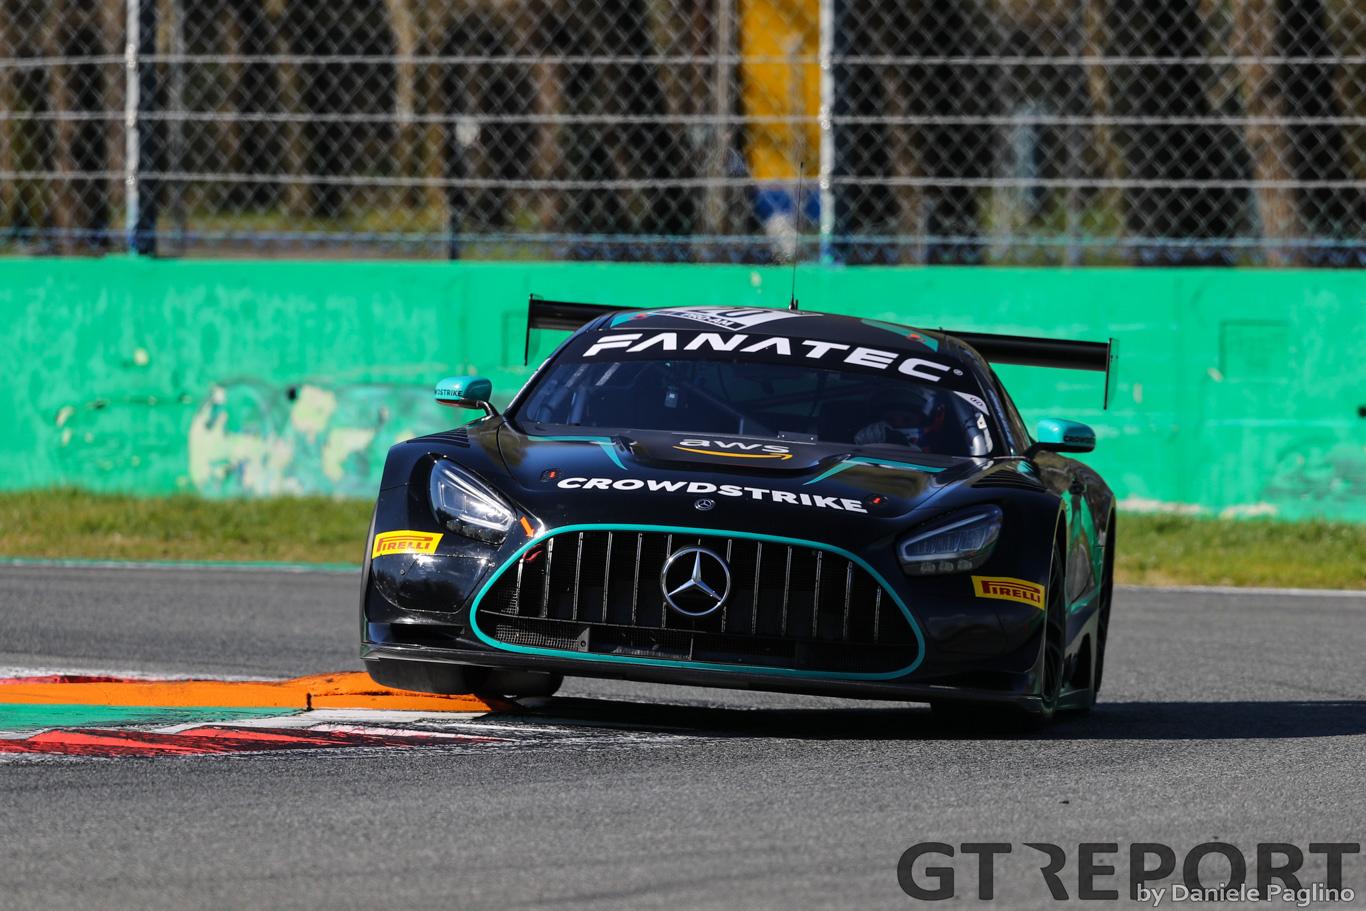 Speer Racing at Monza gallery